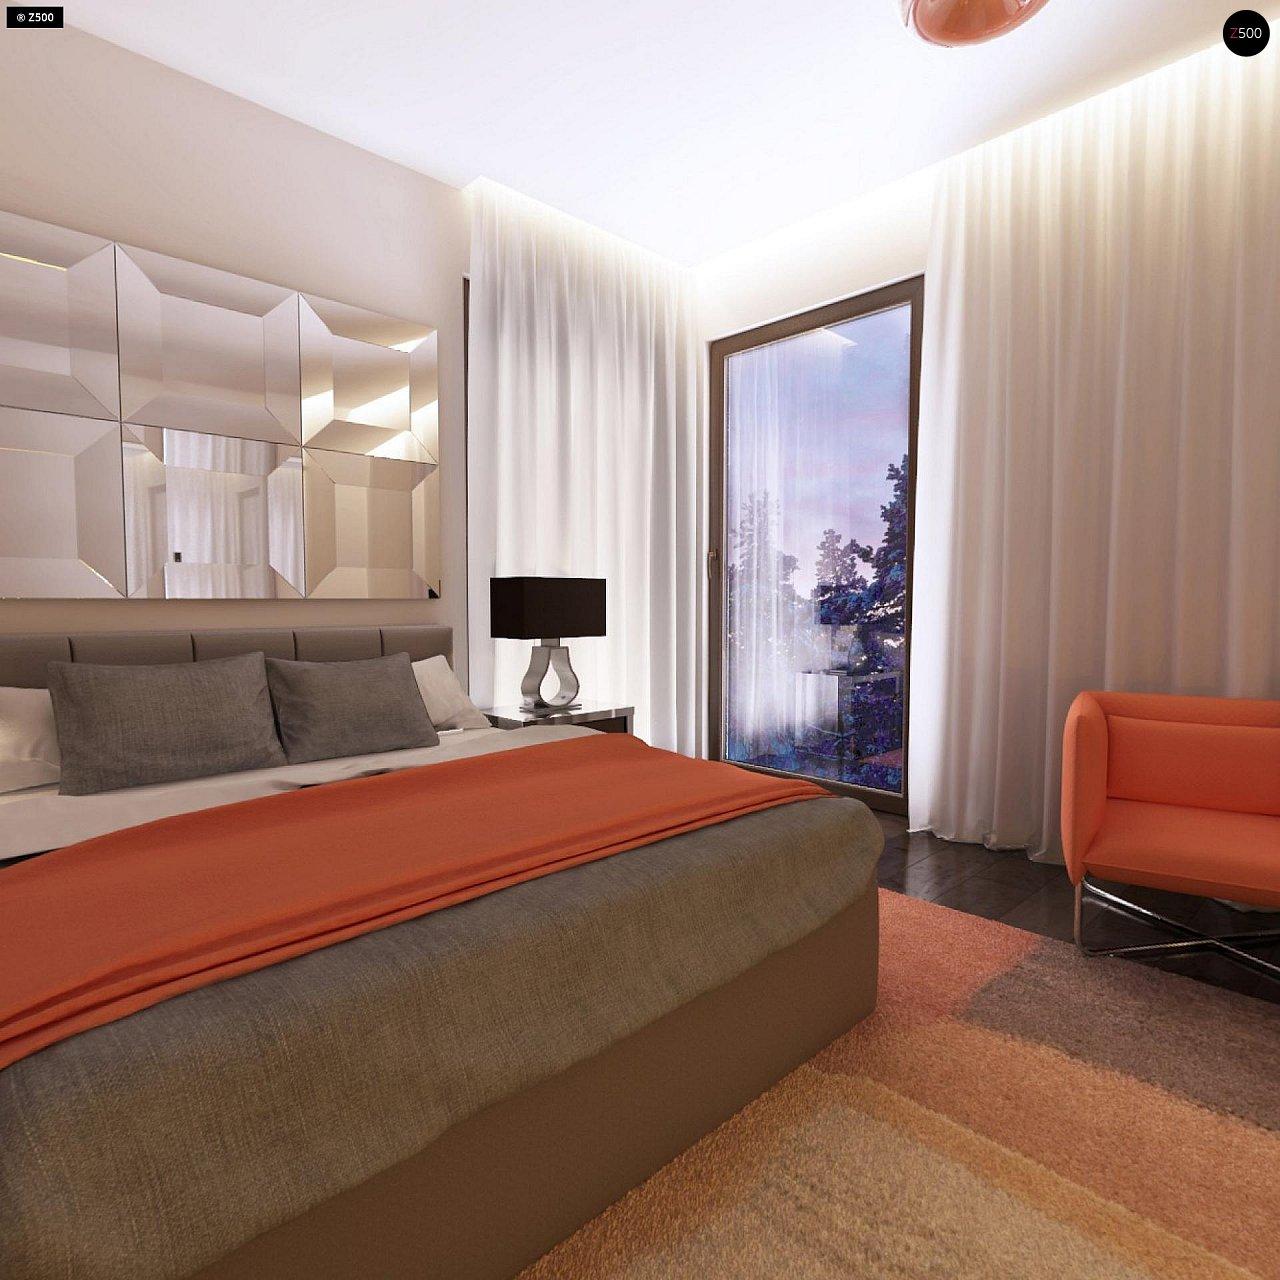 Дом характерного современного дизайна с гаражом и кабинетом на первом этаже. - фото 31